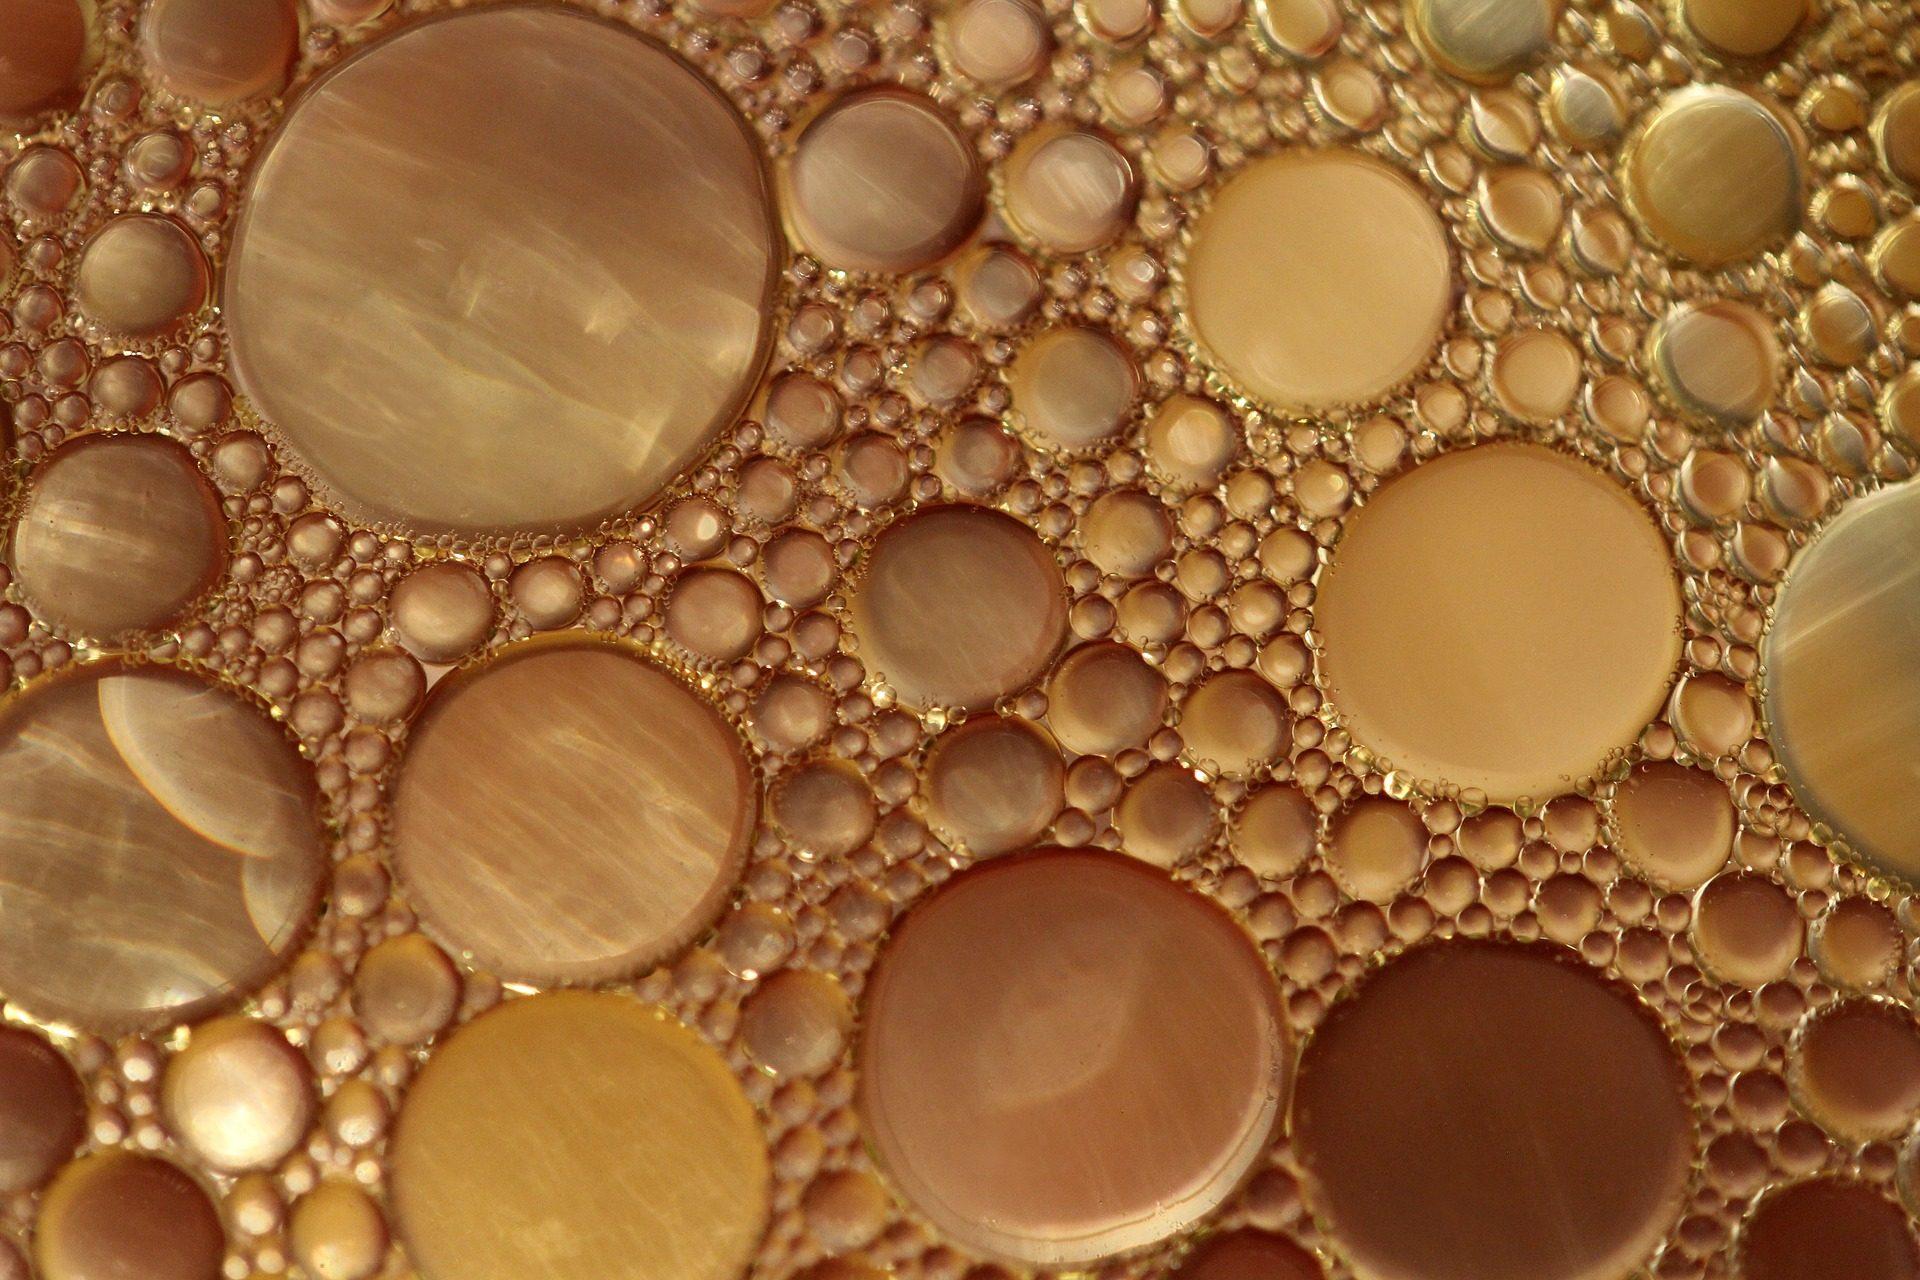 受け入れ, 水, 密度, 粘度, 泡 - HD の壁紙 - 教授-falken.com